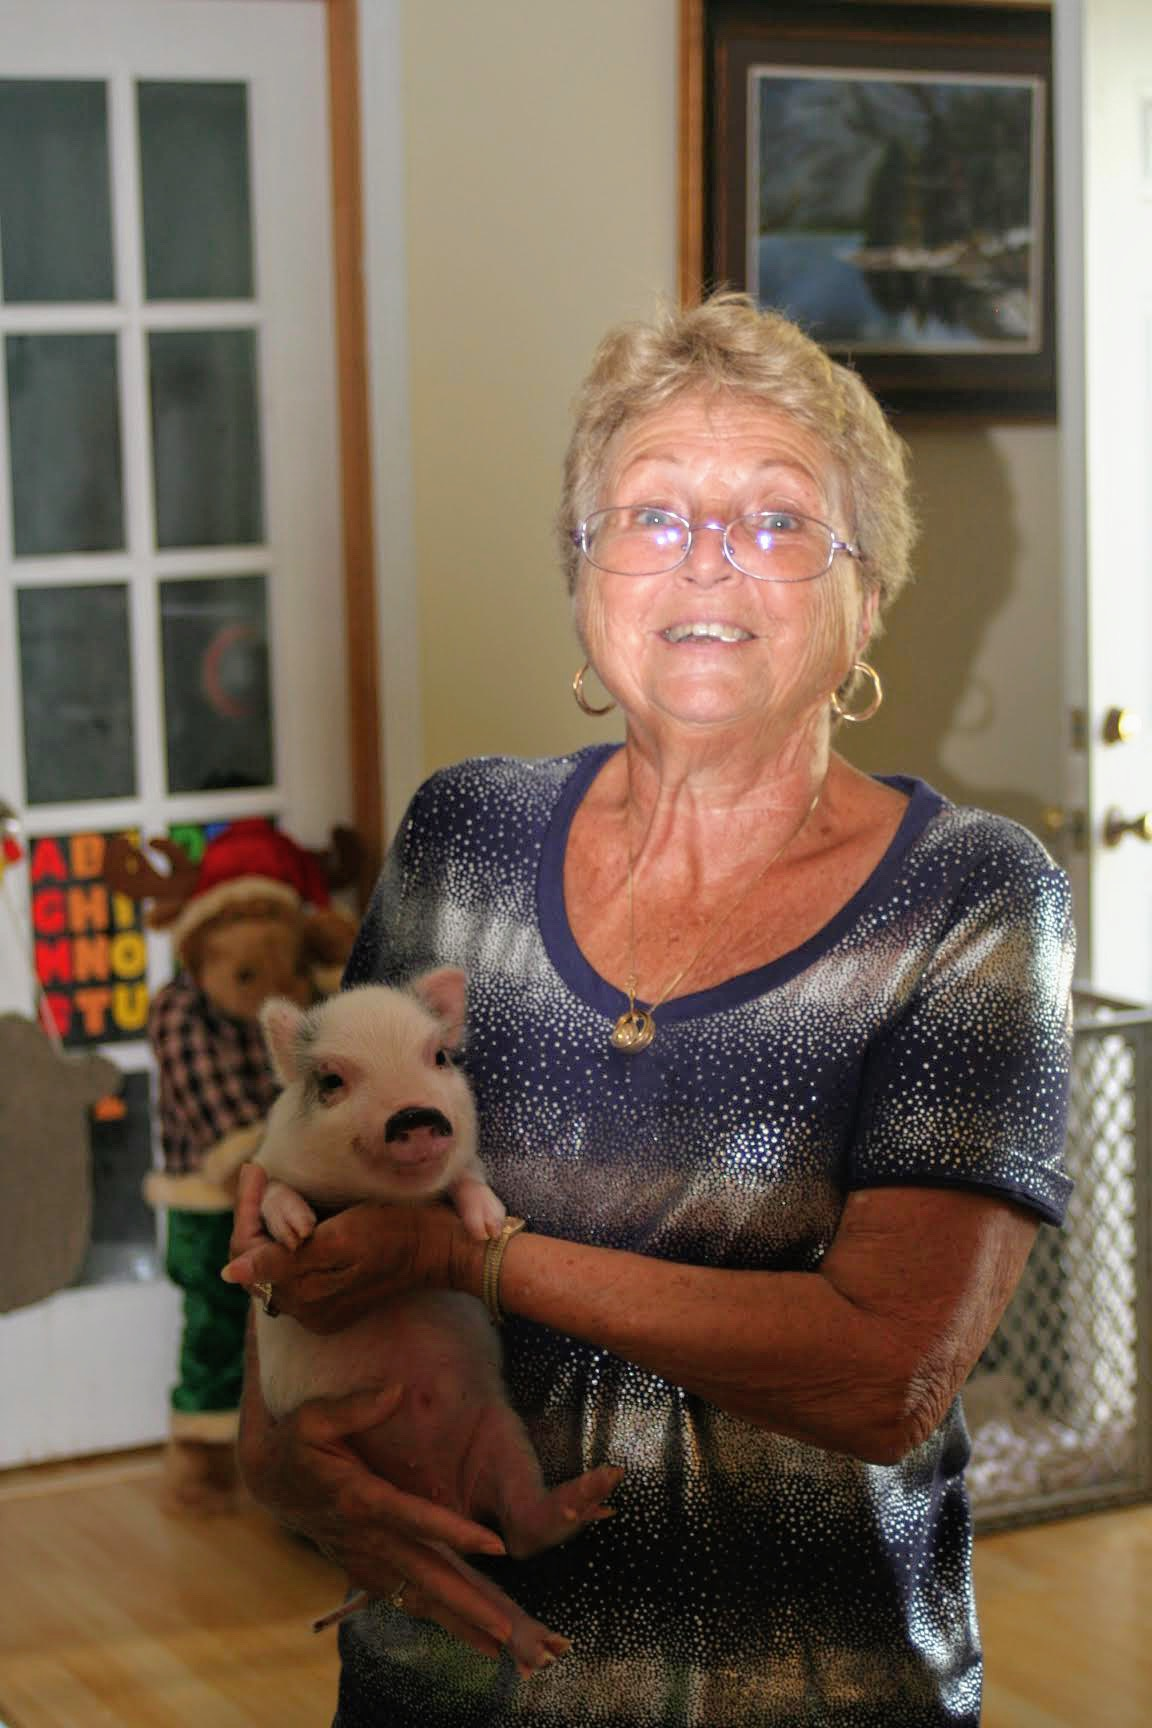 Mom holding a little piggy